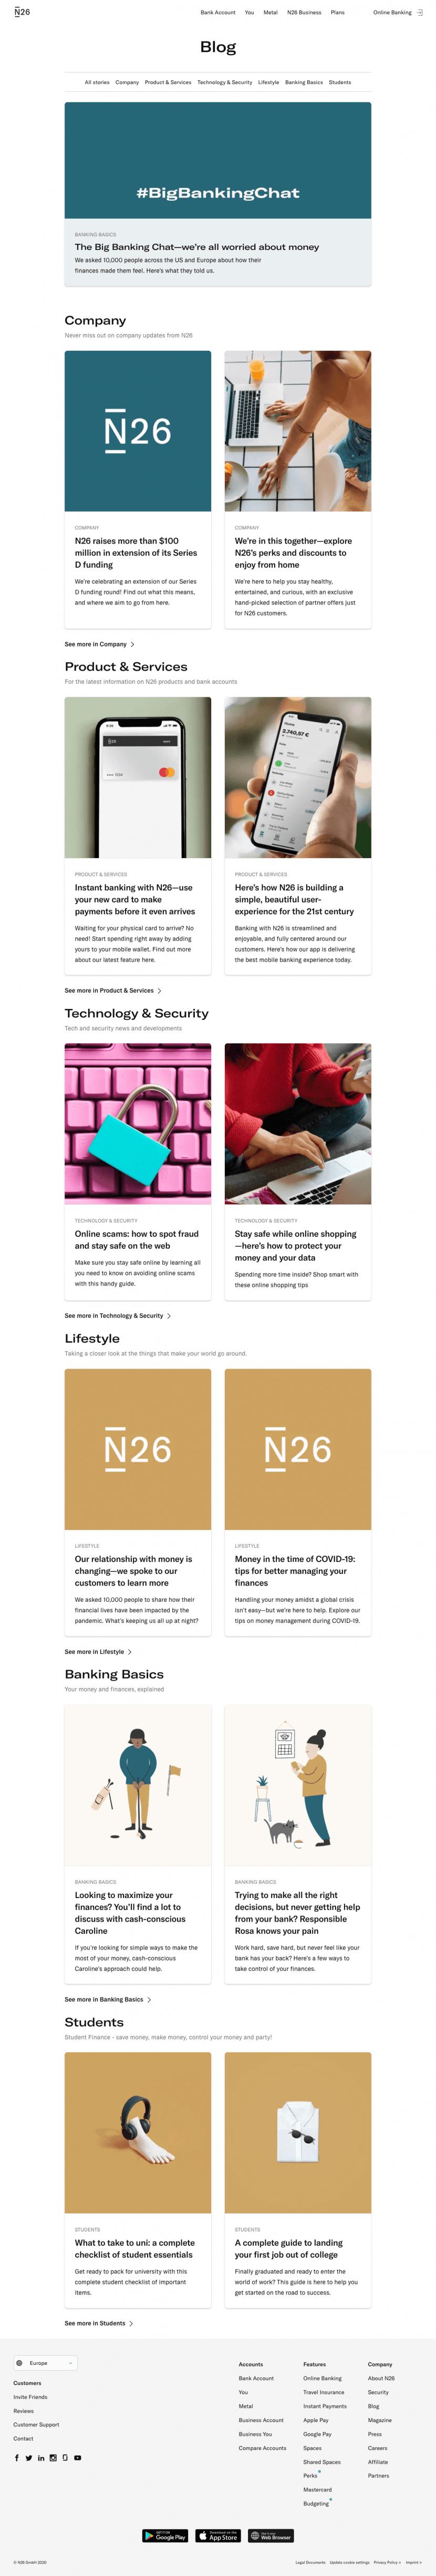 n26-blog-page